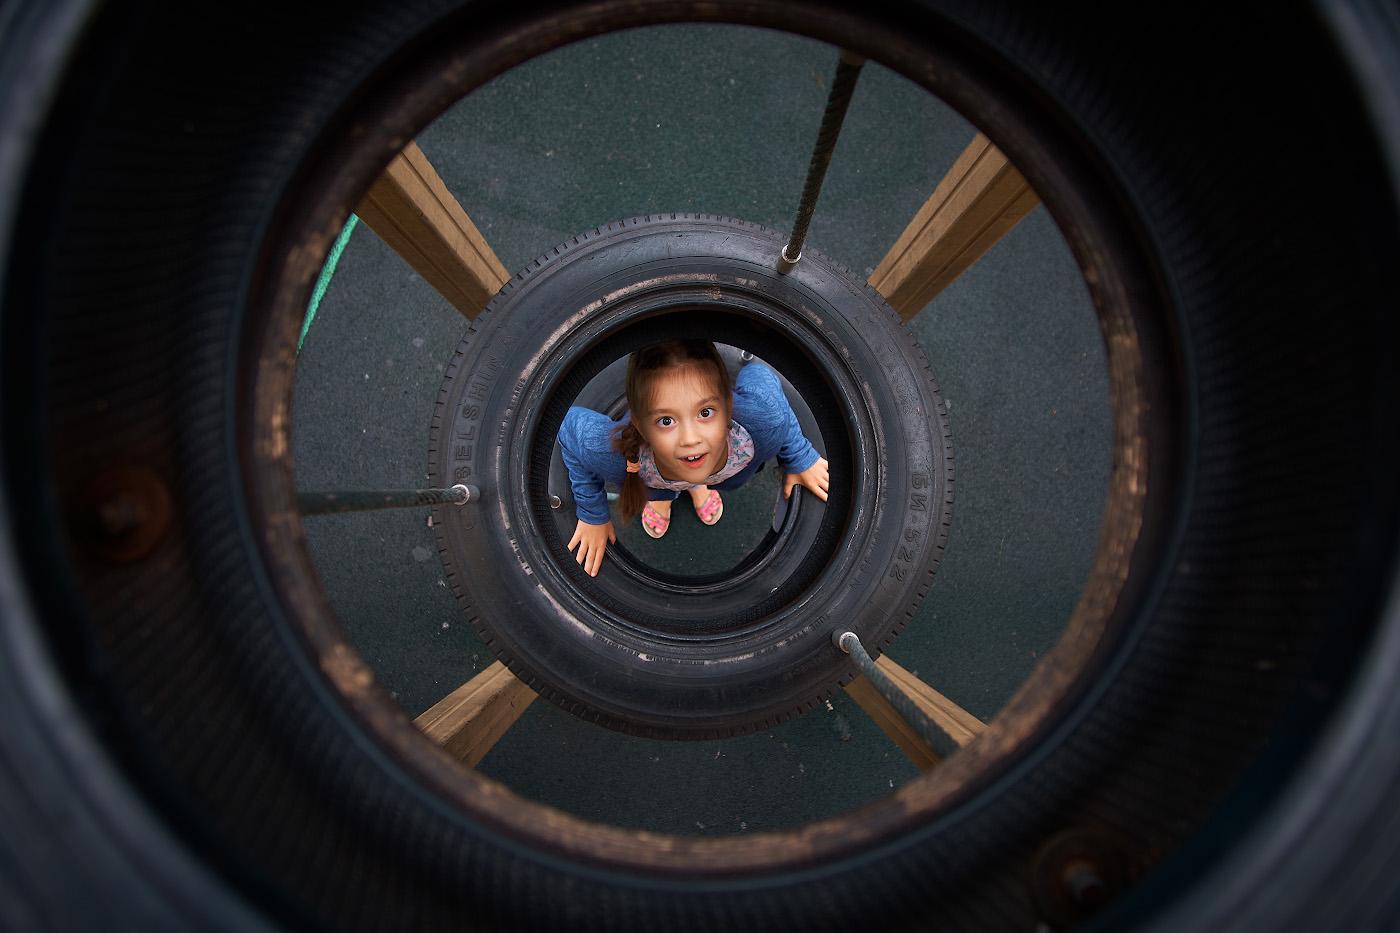 Фото 40. Фотографируем детей шириком Samyang 12mm f/2.0 NCS CS. Все еще есть сомнения, что купить для вашего Sony A6000? 1/150, -1.33, 200, 12.